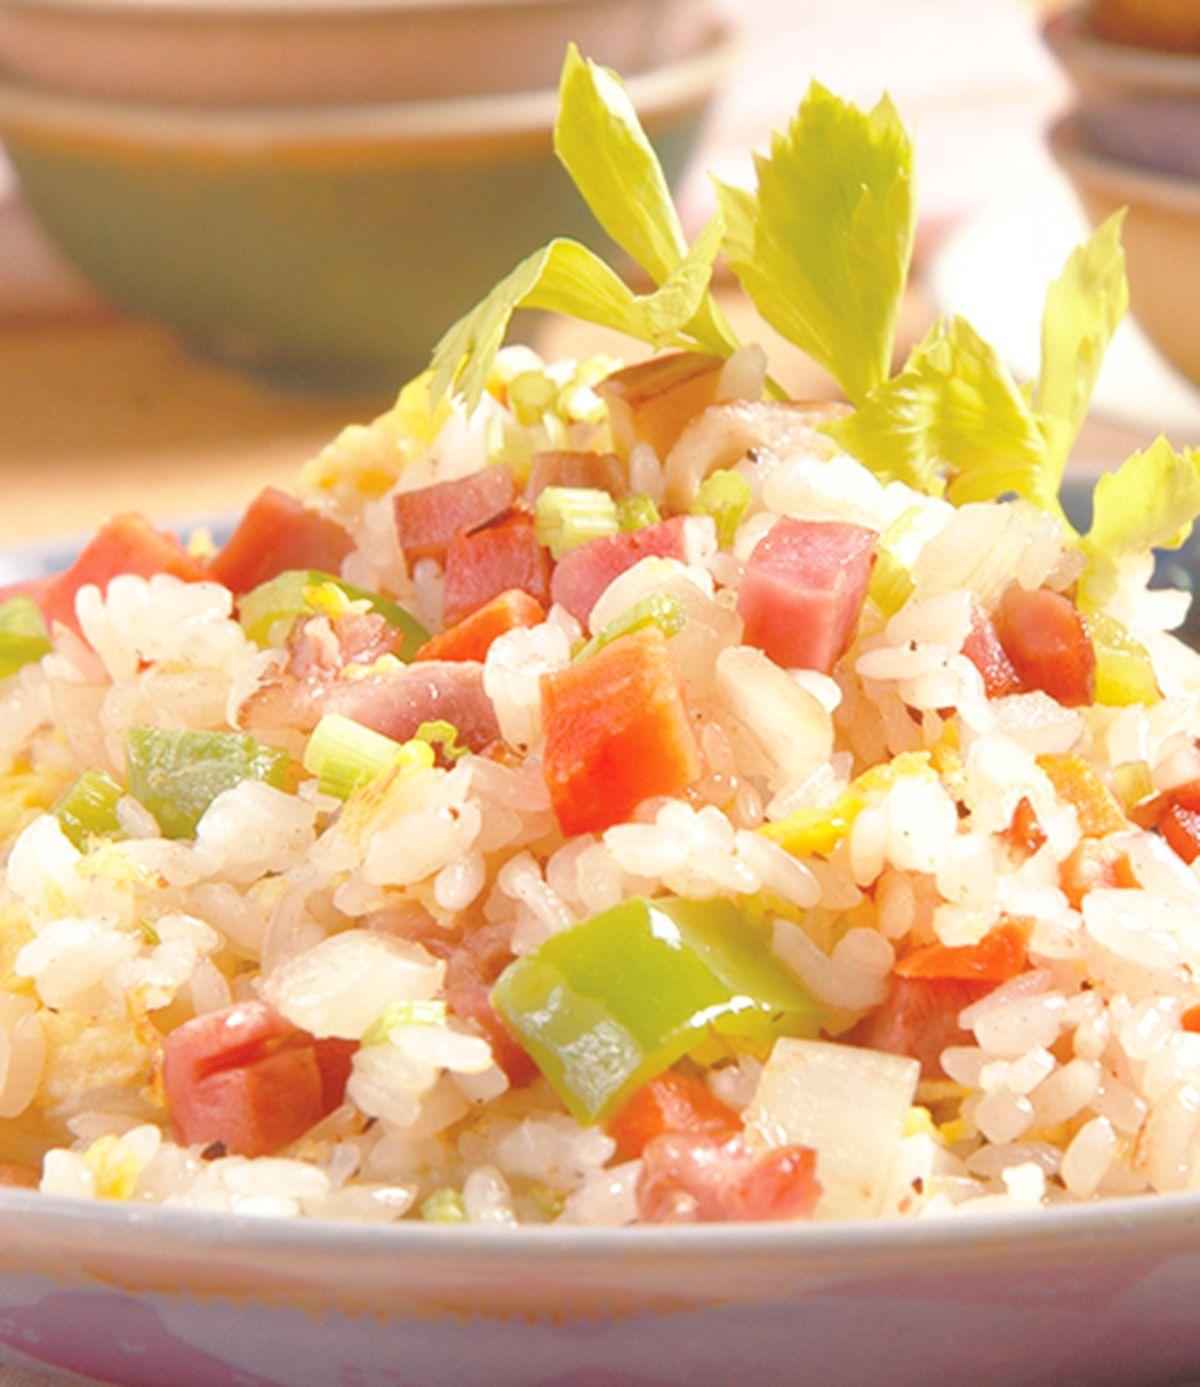 食譜:叉燒什錦炒飯